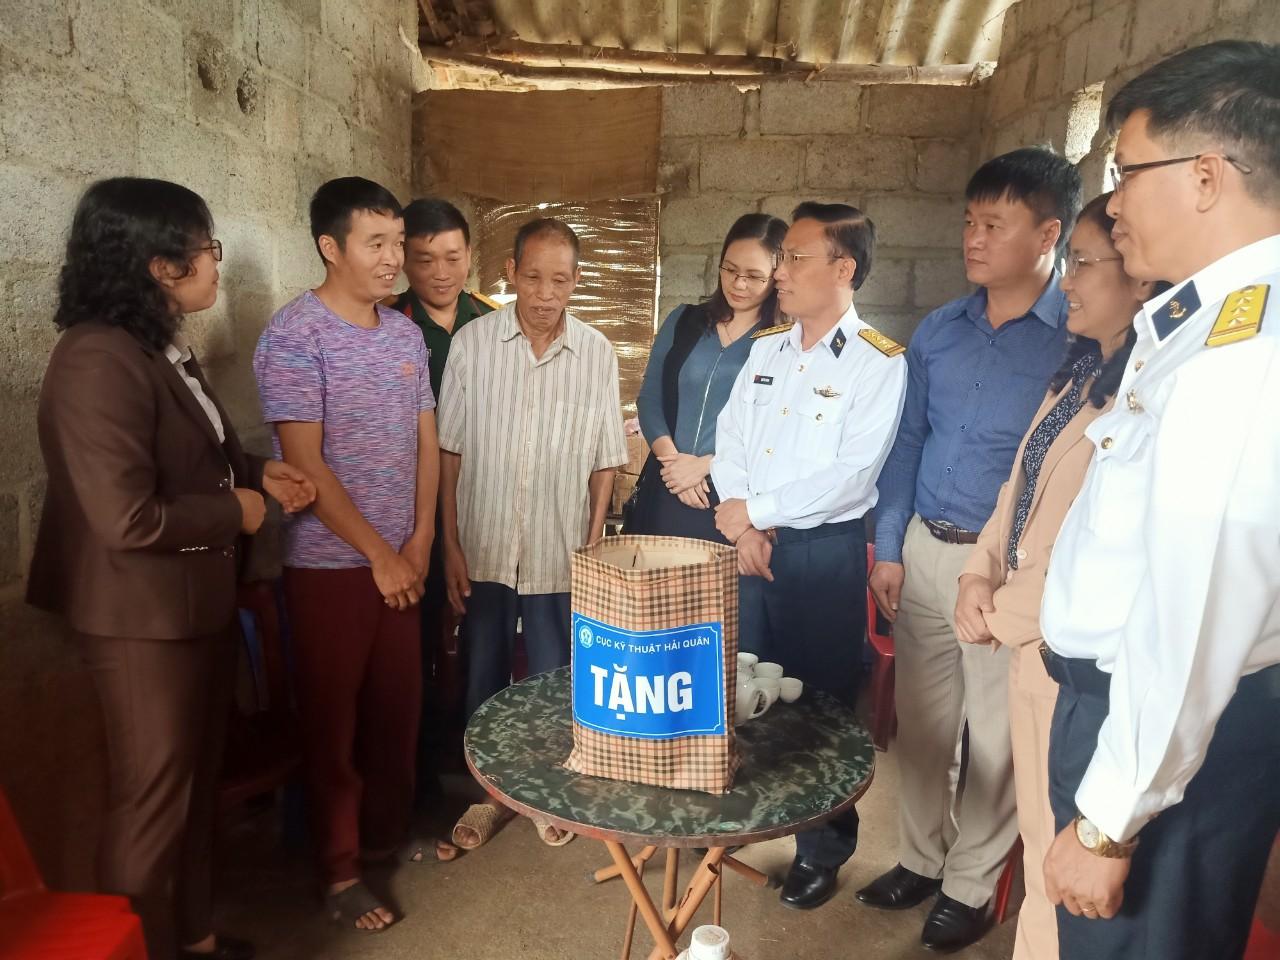 Cục Kỹ thuật Hải quân thông tin chuyên đề về biển, đảo và tặng quà tại Cao Bằng